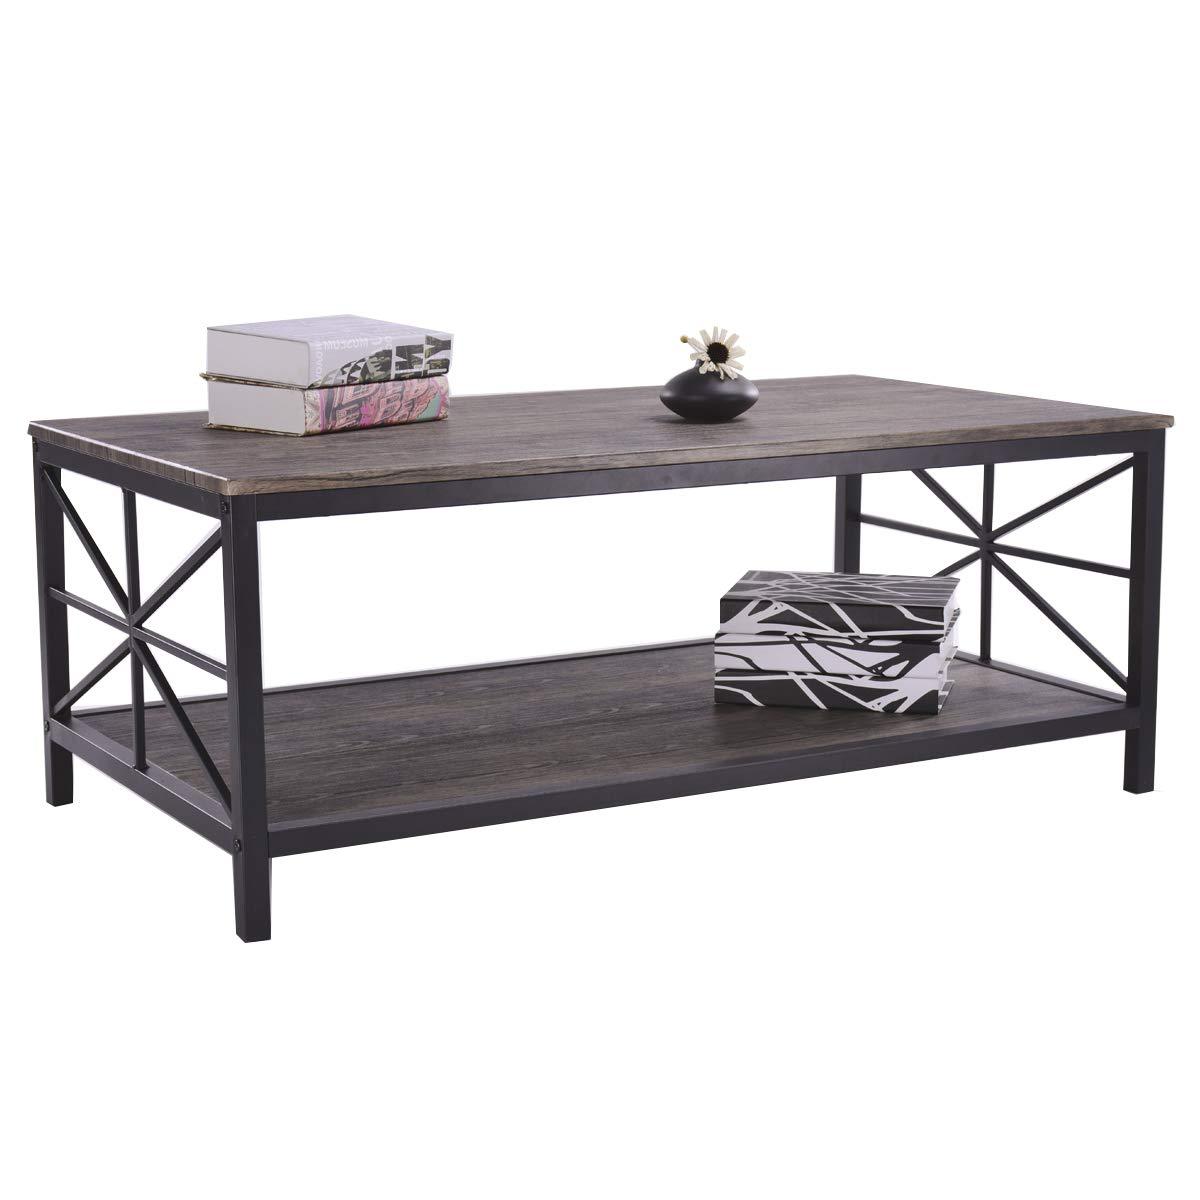 Aingoo Tavolino da caffè Industriale di con la Tabella di Cocktail Nera della Struttura del Metallo con la mobilia del Salone della scaffalatura Marrone